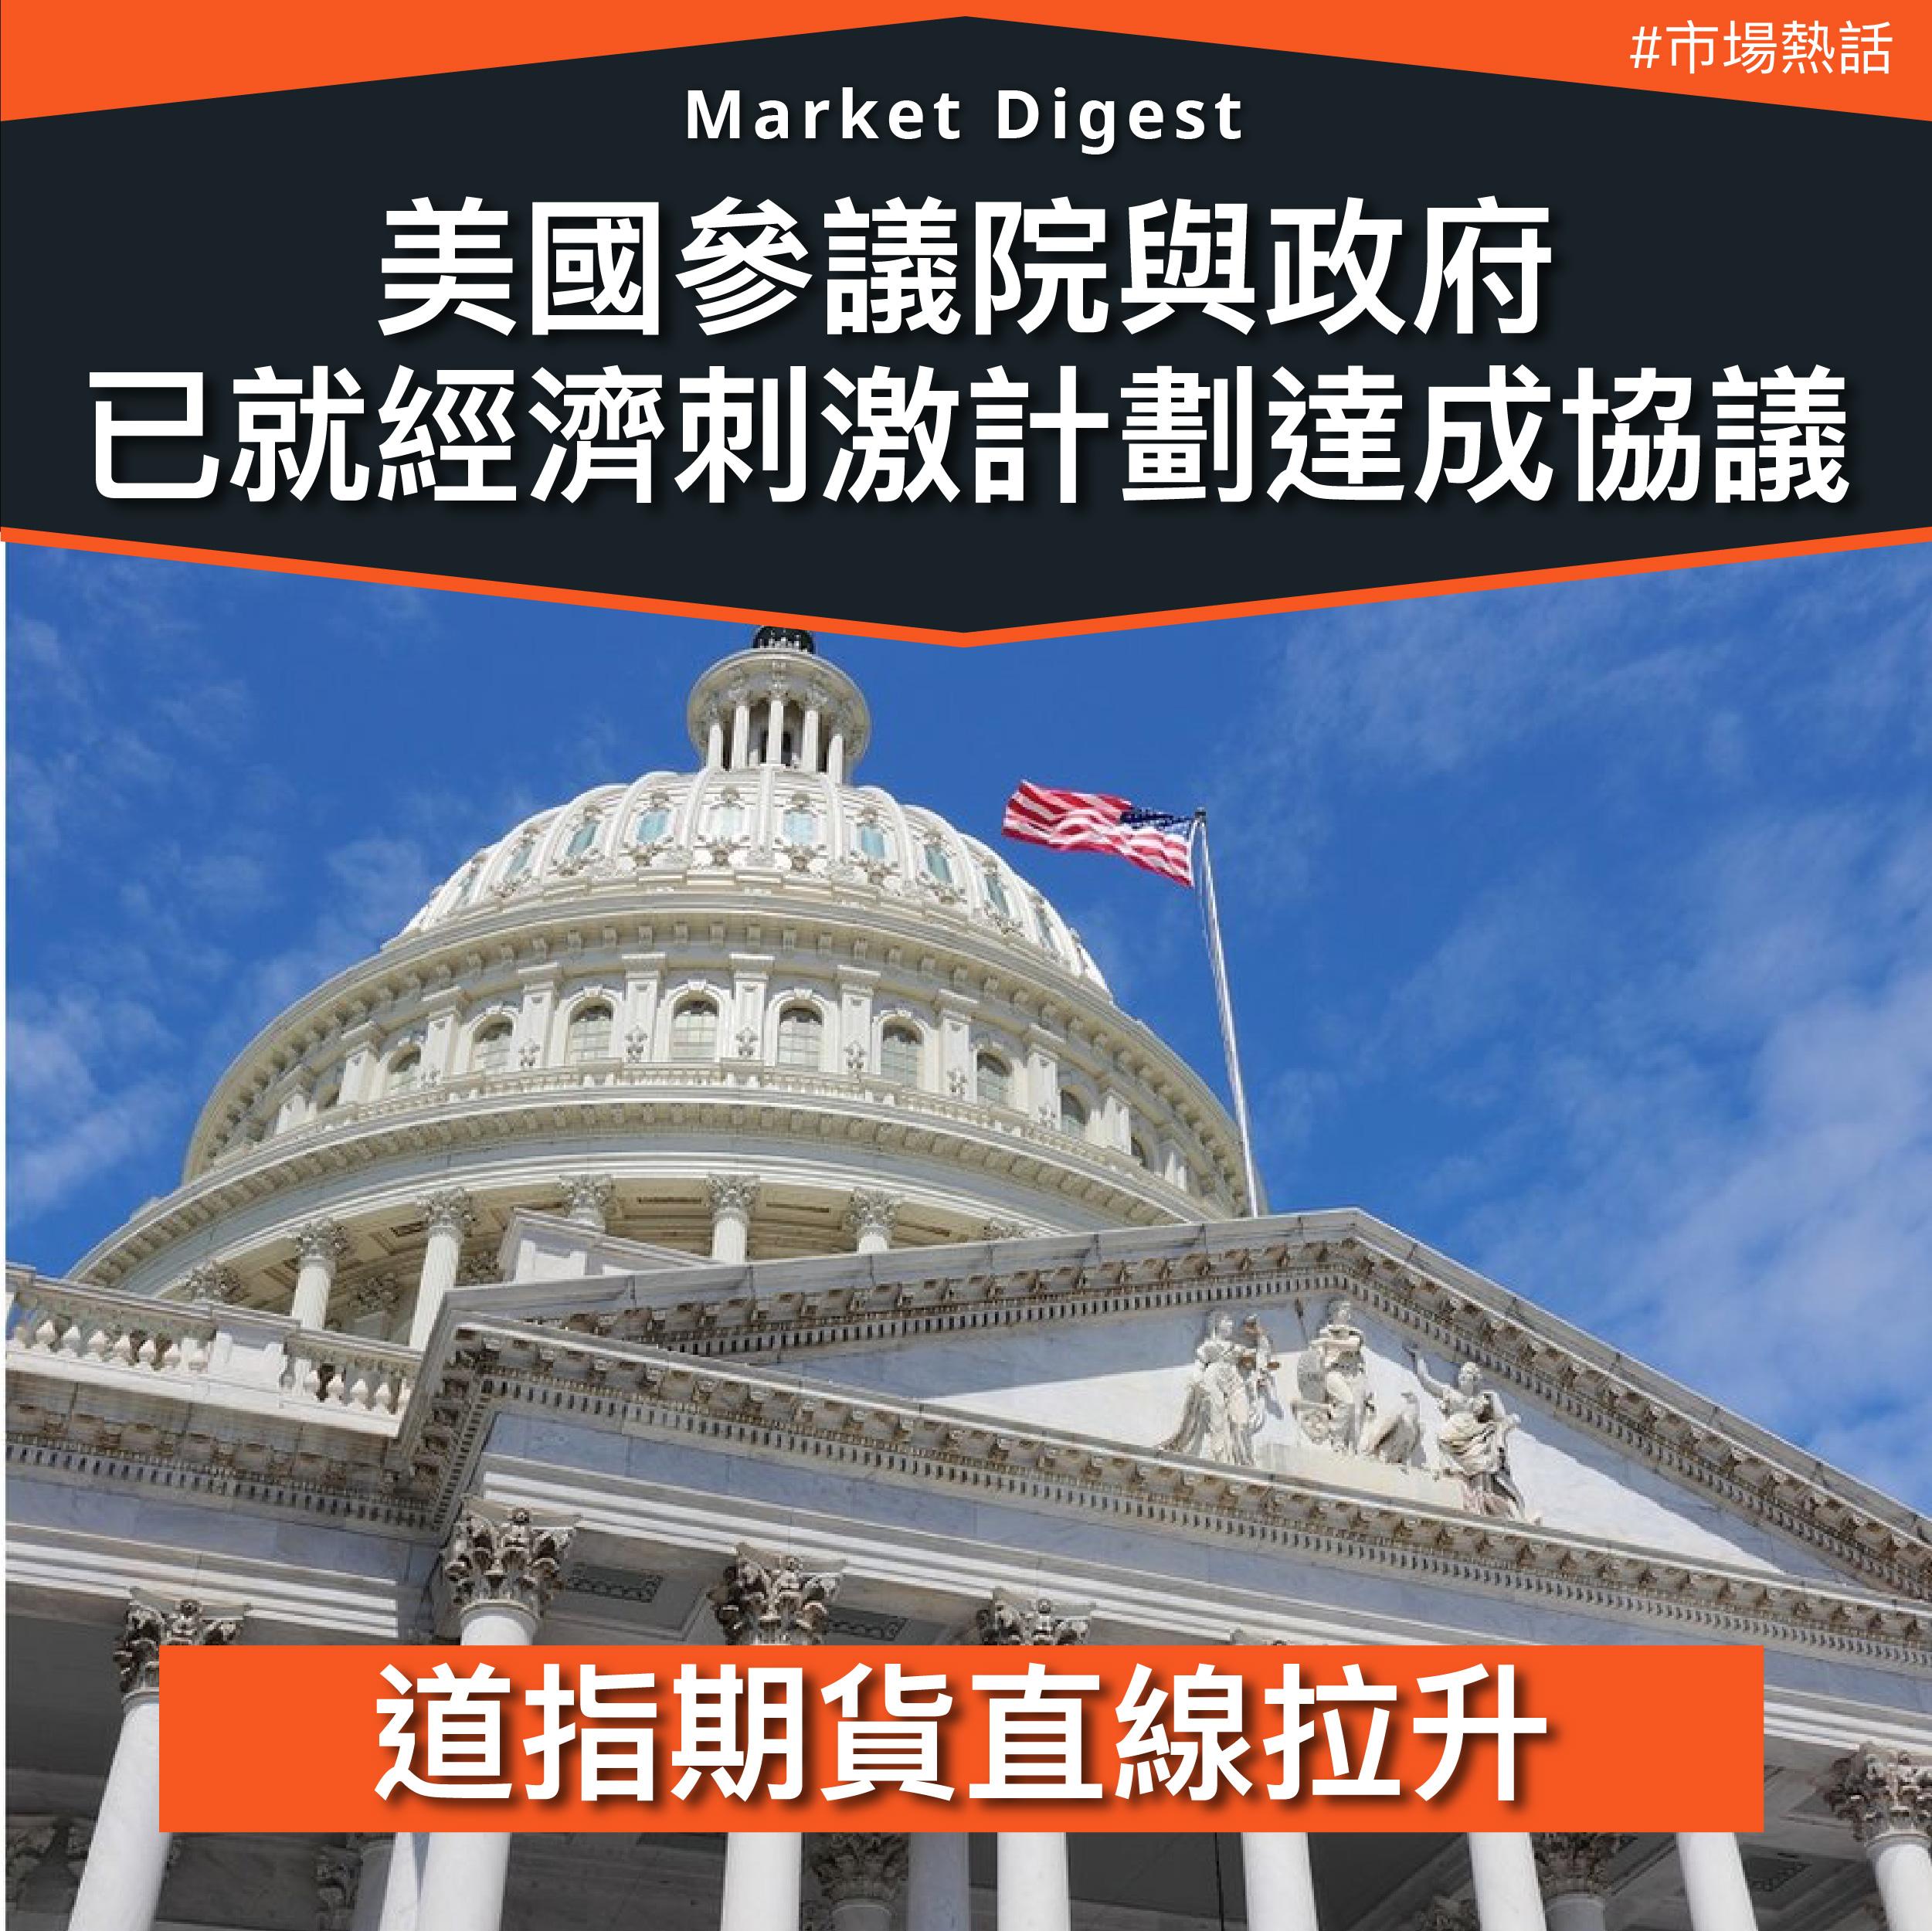 【市場熱話】美國參議院與政府 已就經濟刺激計劃達成協議